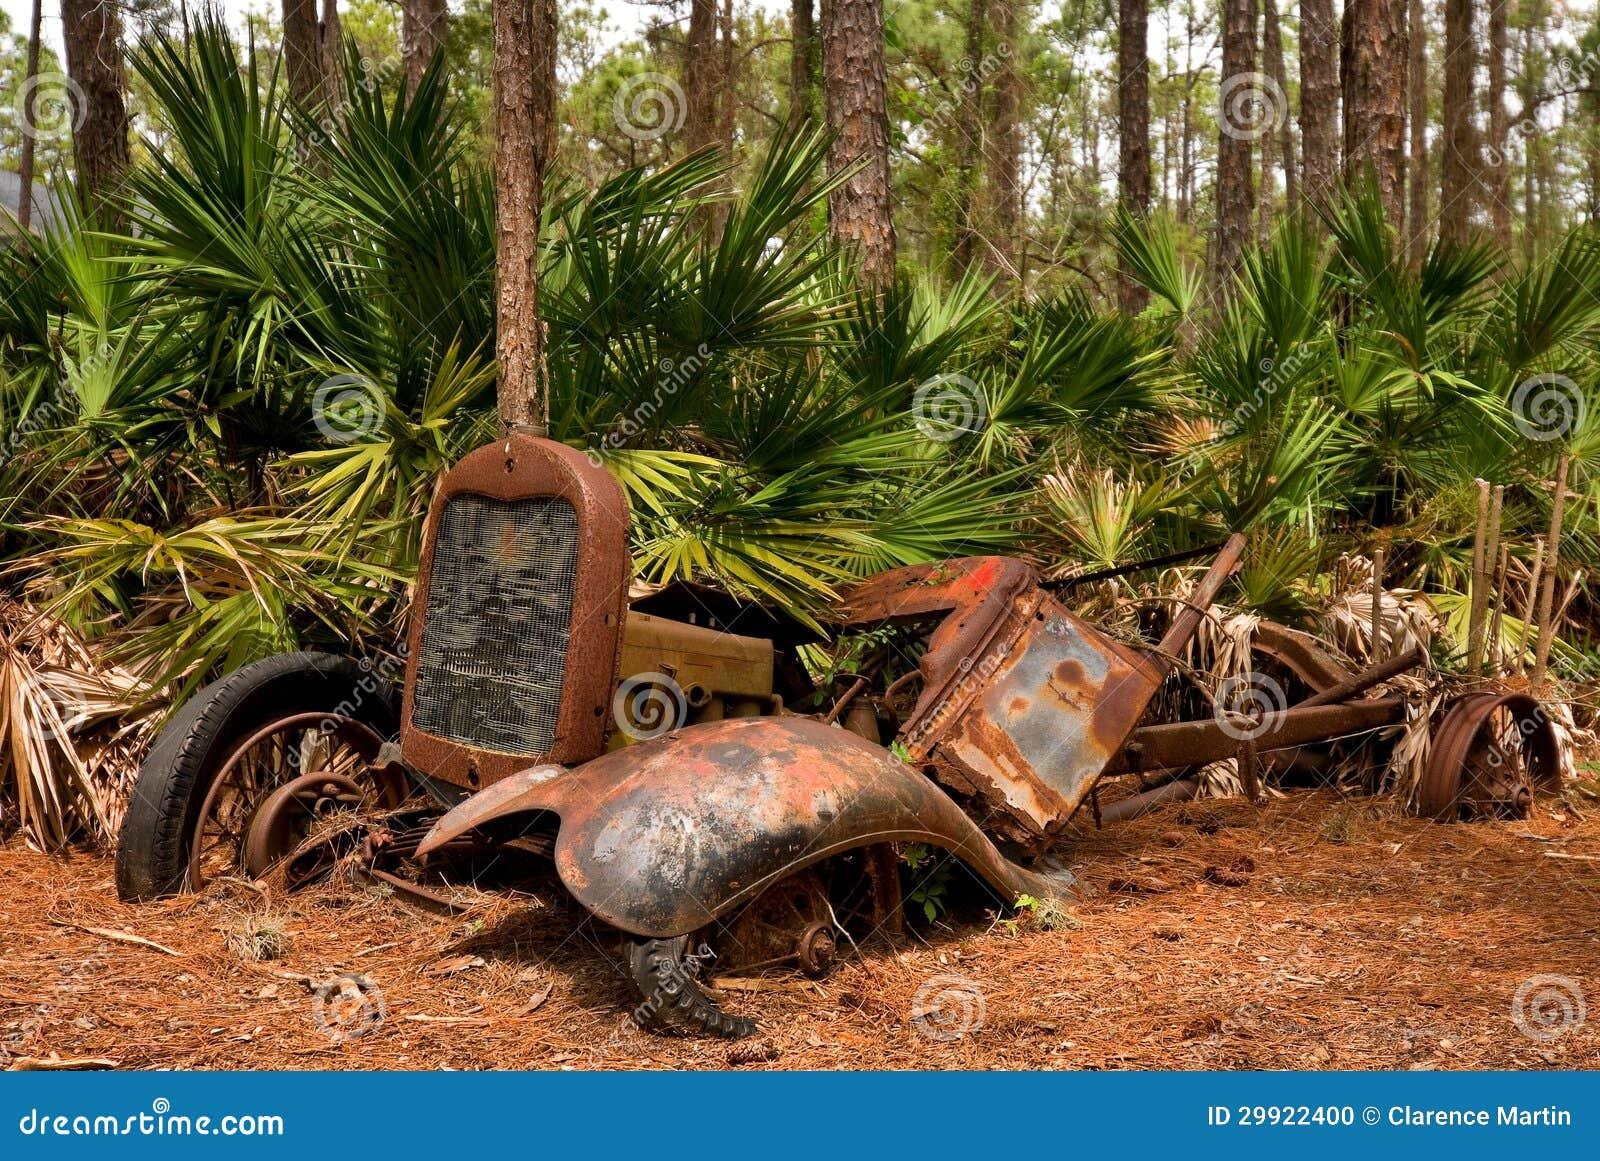 Vieux V 233 Hicule Abandonn 233 Dans Une For 234 T De La Floride